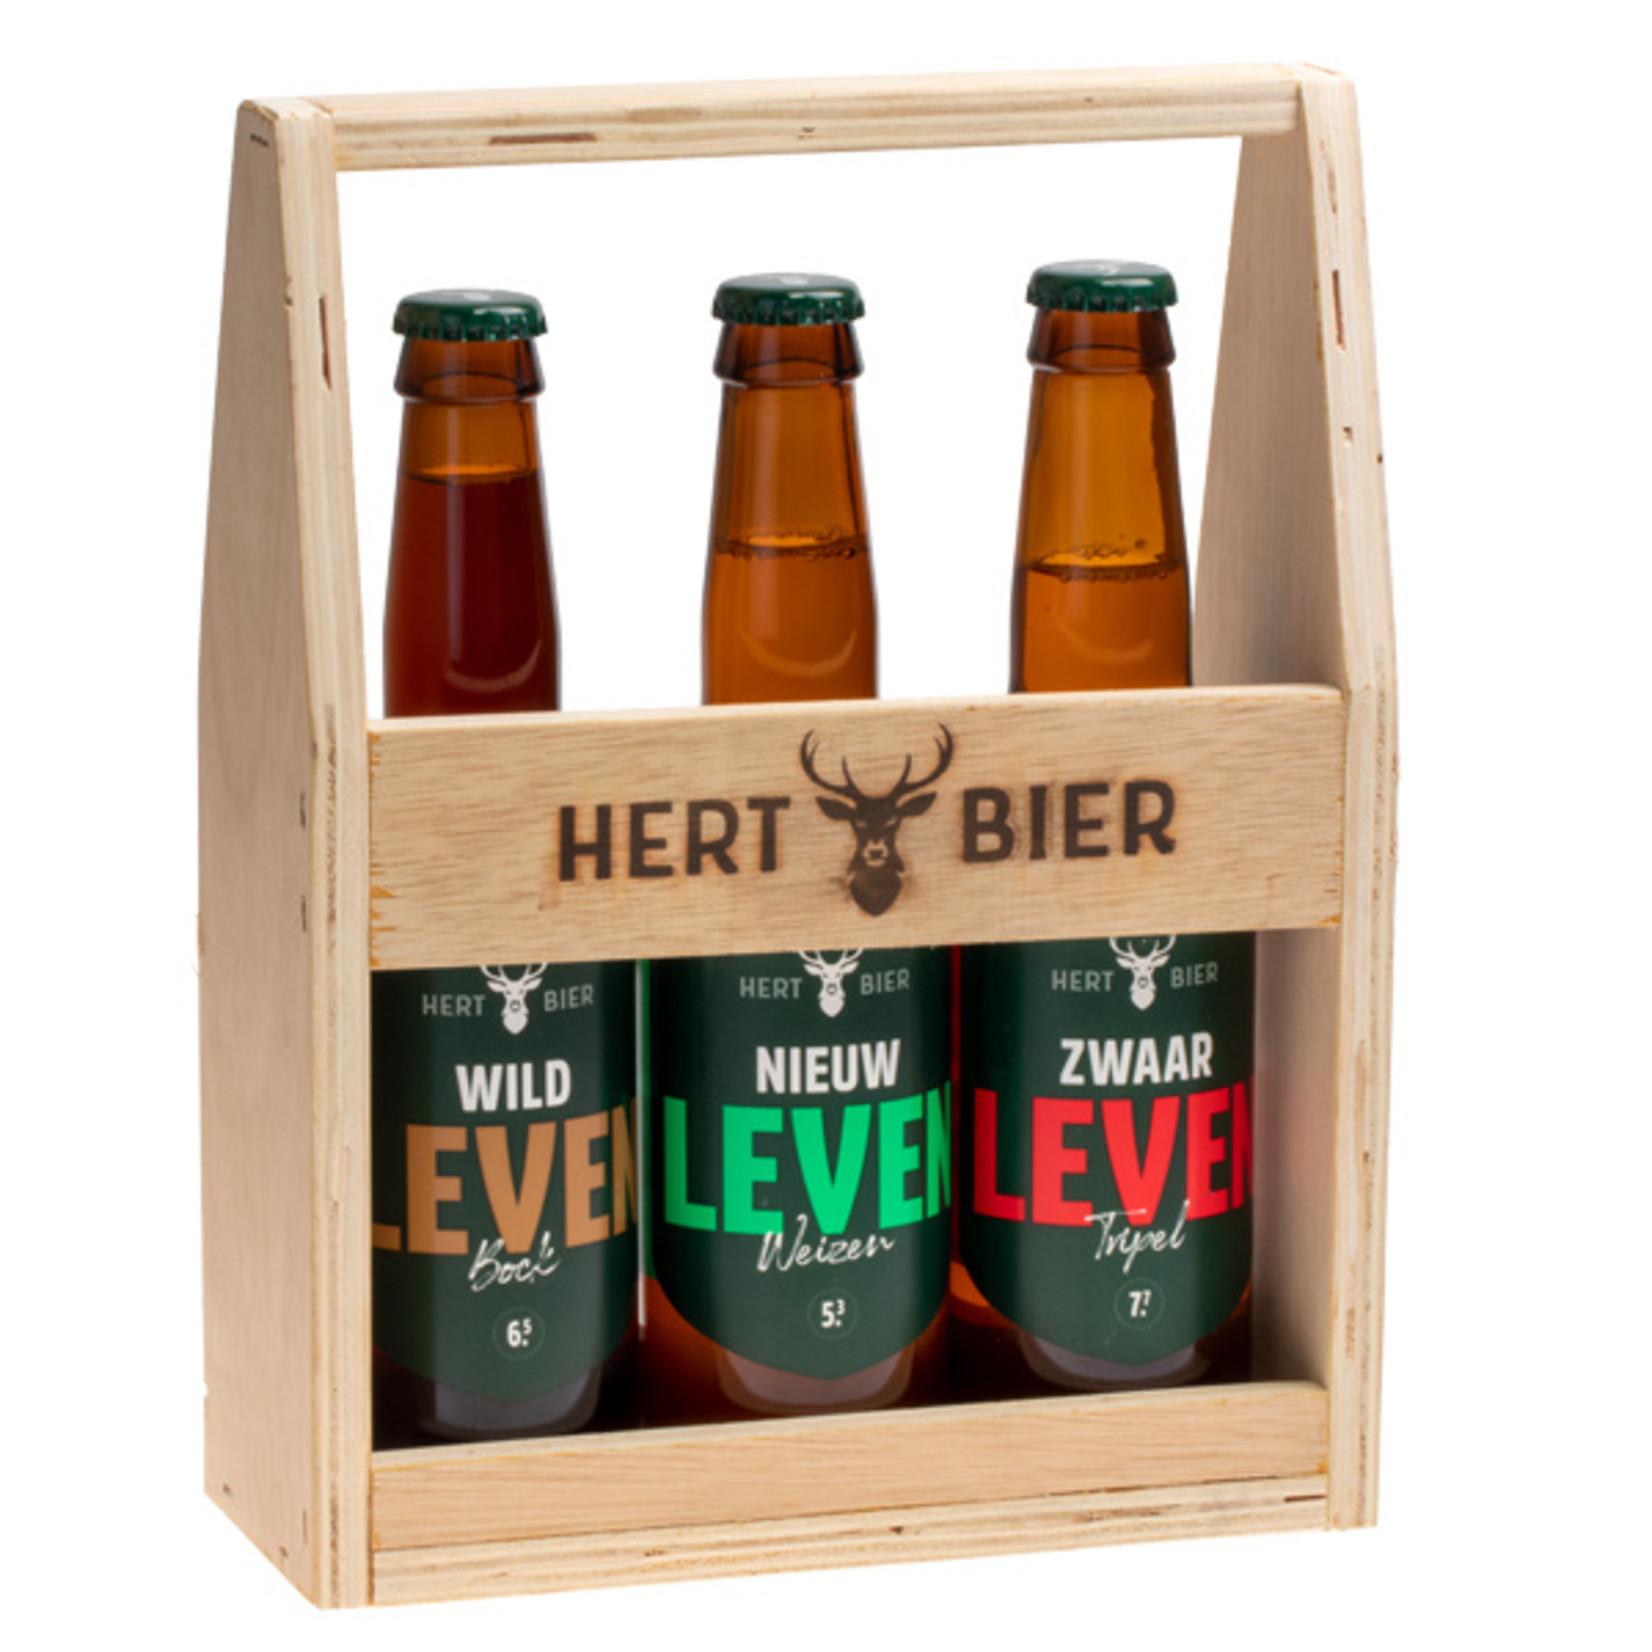 Hert Bier Bierkrat met Wild Leven, Nieuw Leven & Zwaar Leven